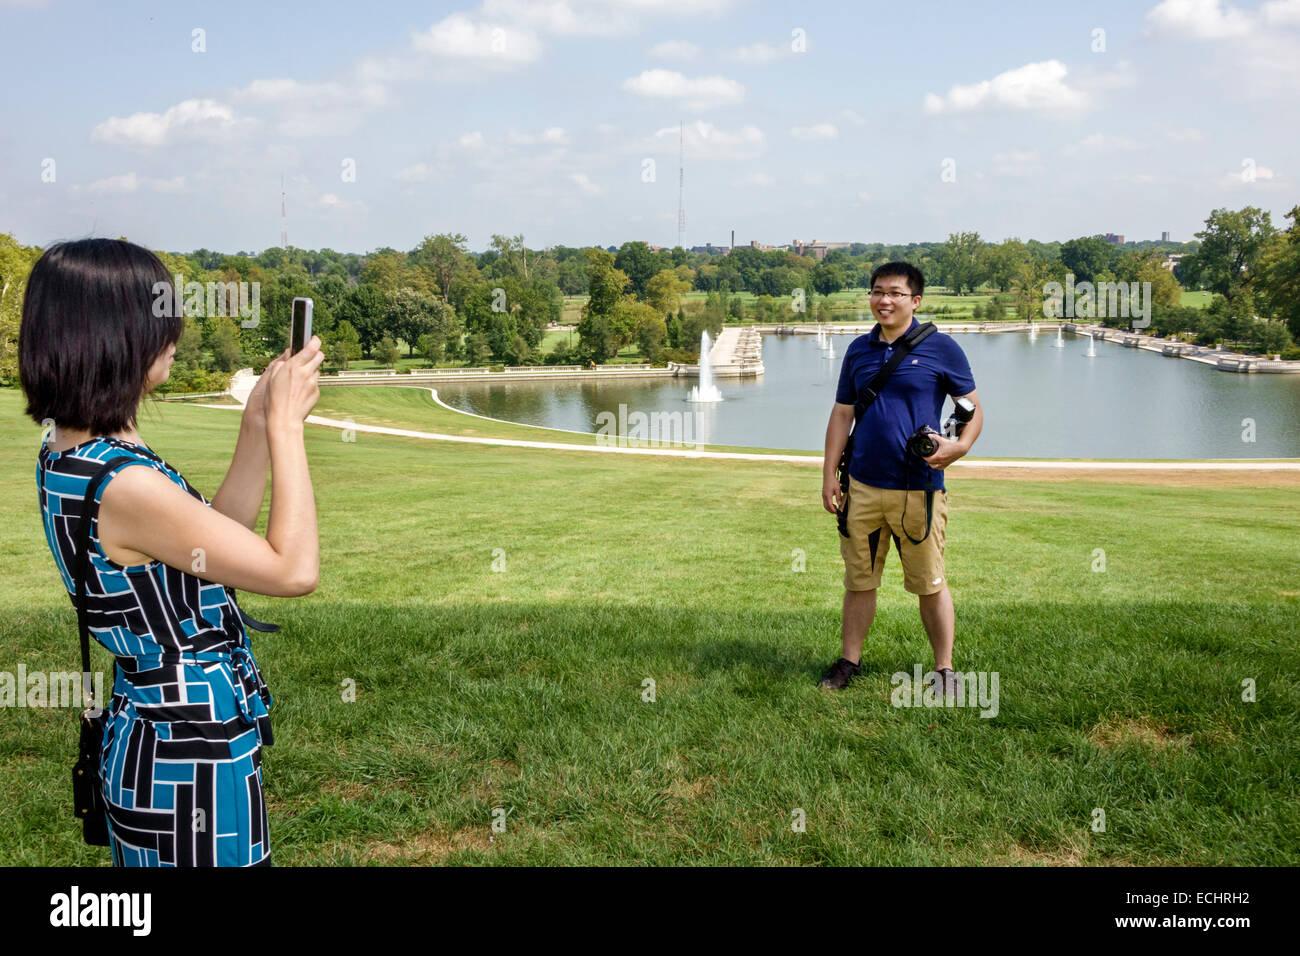 Saint Louis Missouri Saint Forest Park park Art public urbain Hill Emerson Grand fontaine bassin lawn arbres paysagers Photo Stock